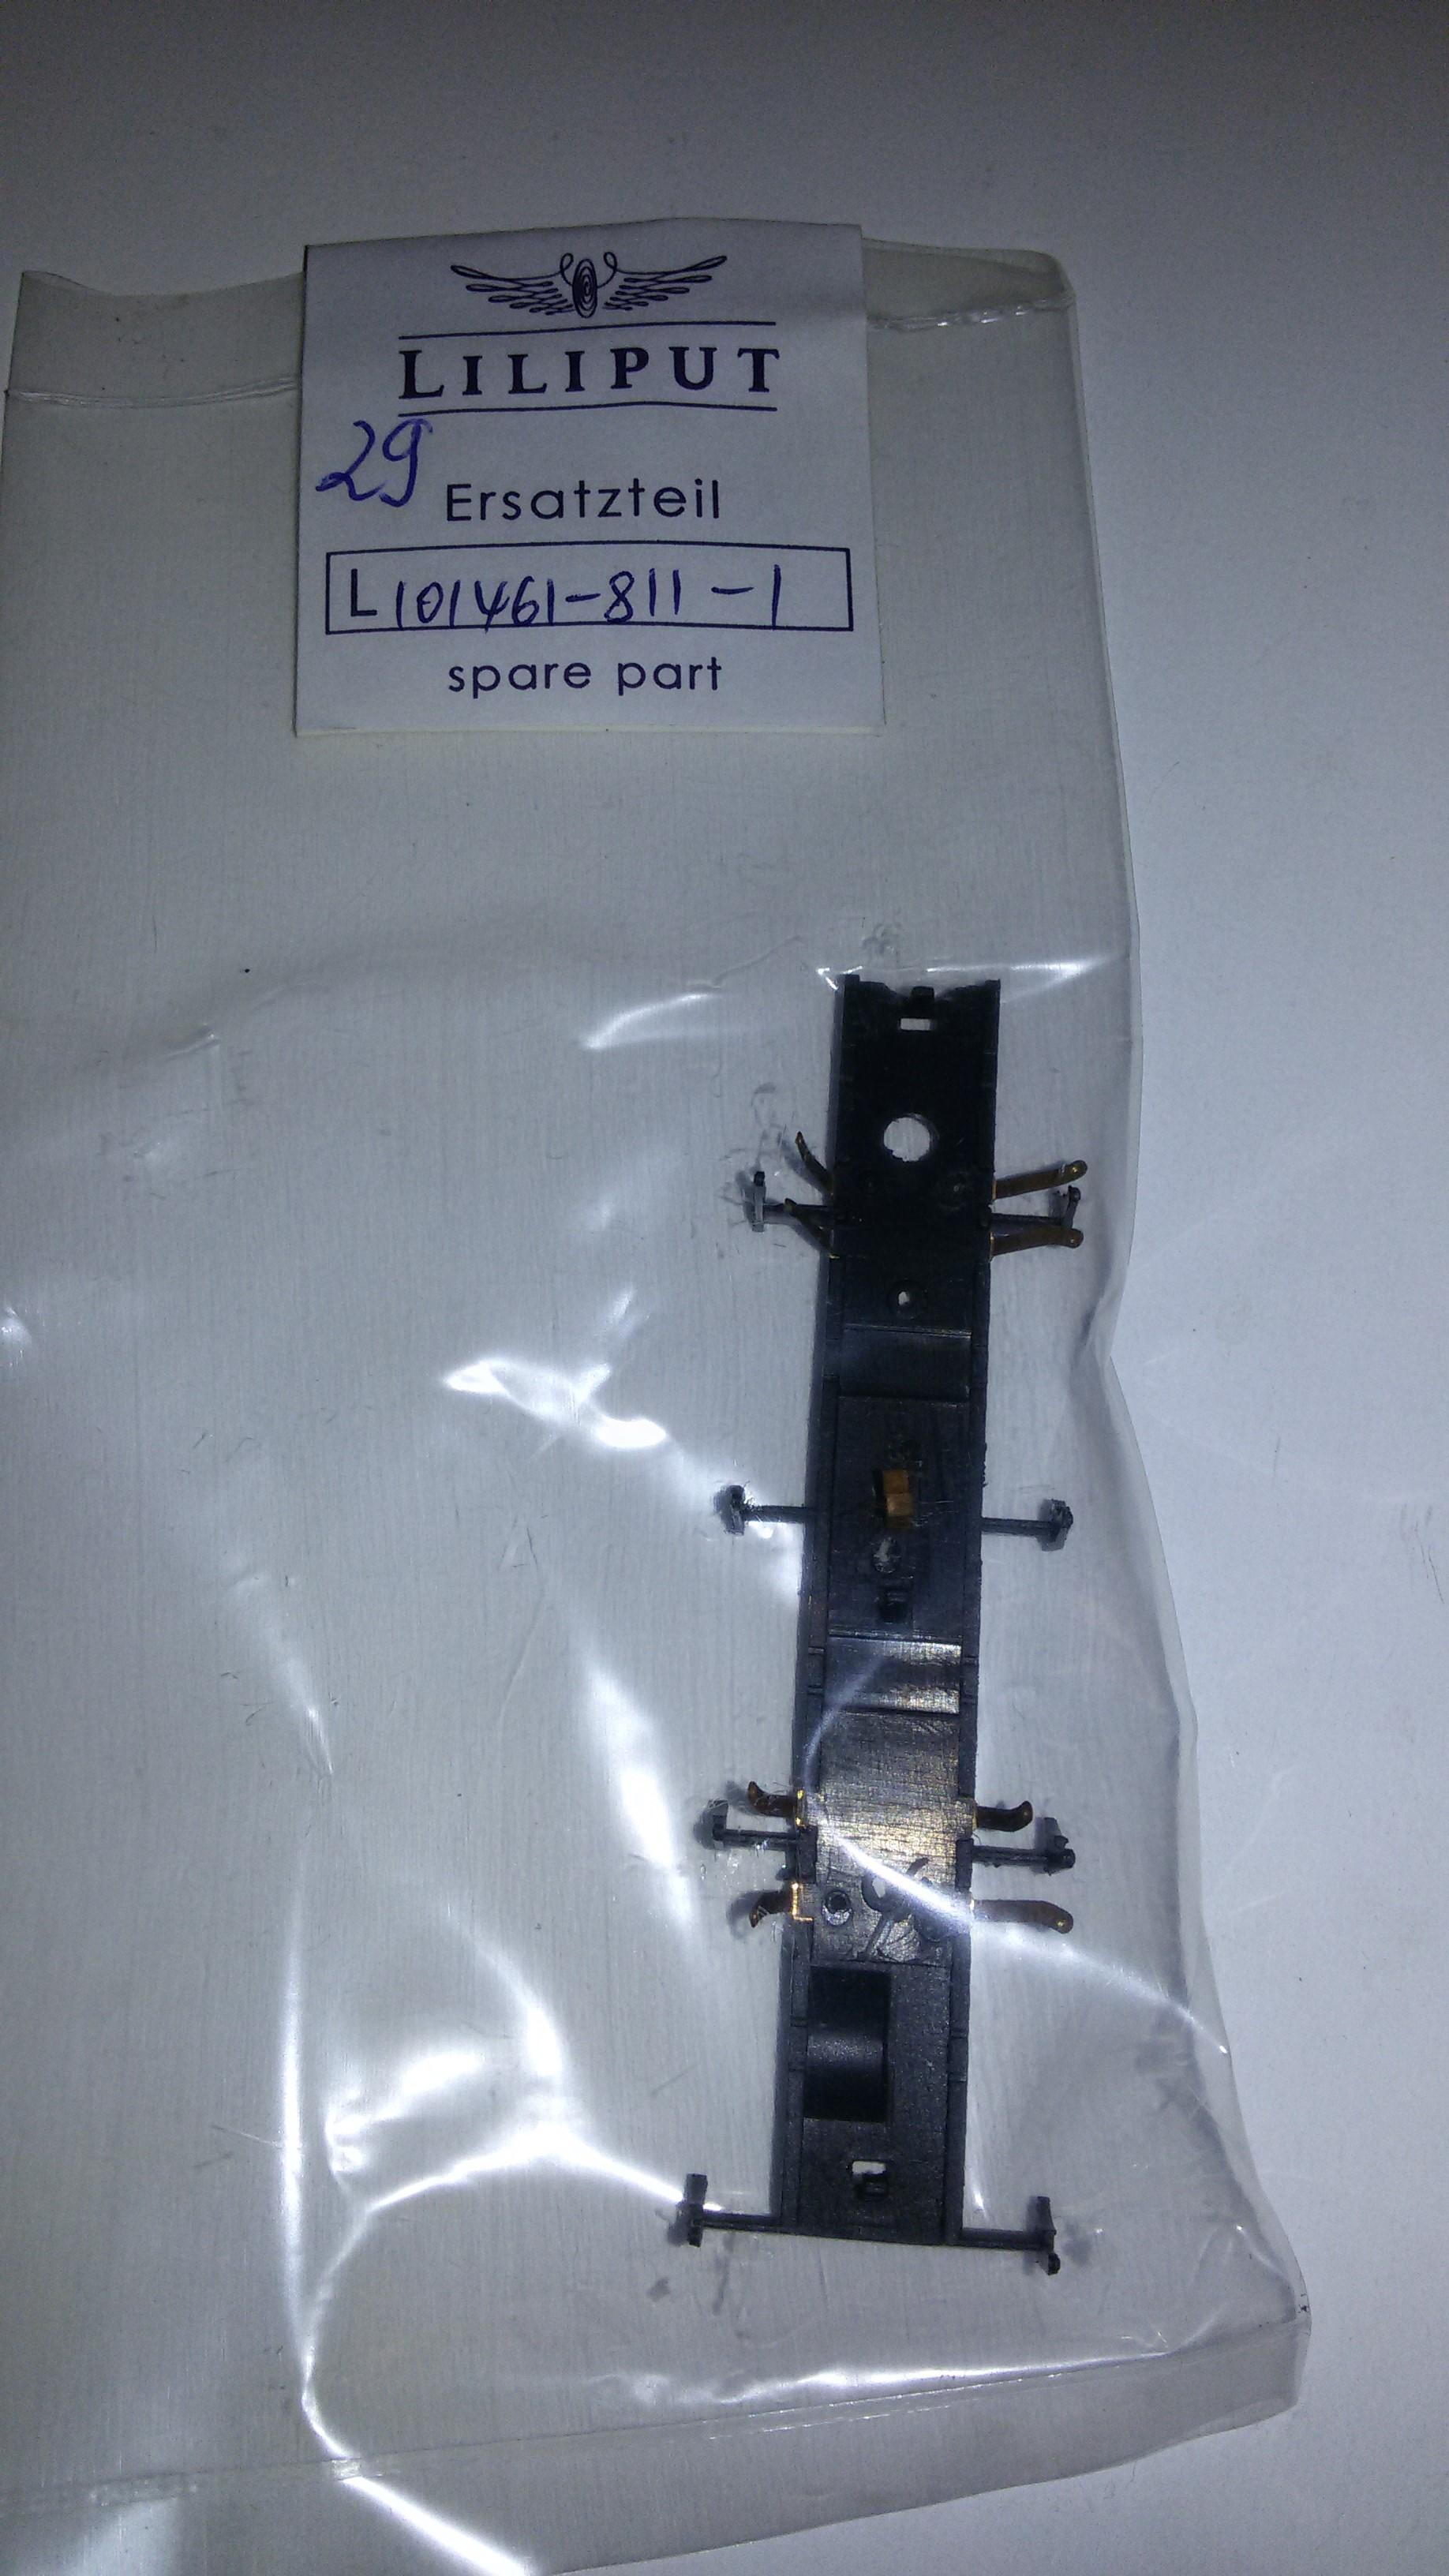 *LO 29* Liliput Ersatzteil L101461-811-1 Radkontakt Lok kpl. für 101461